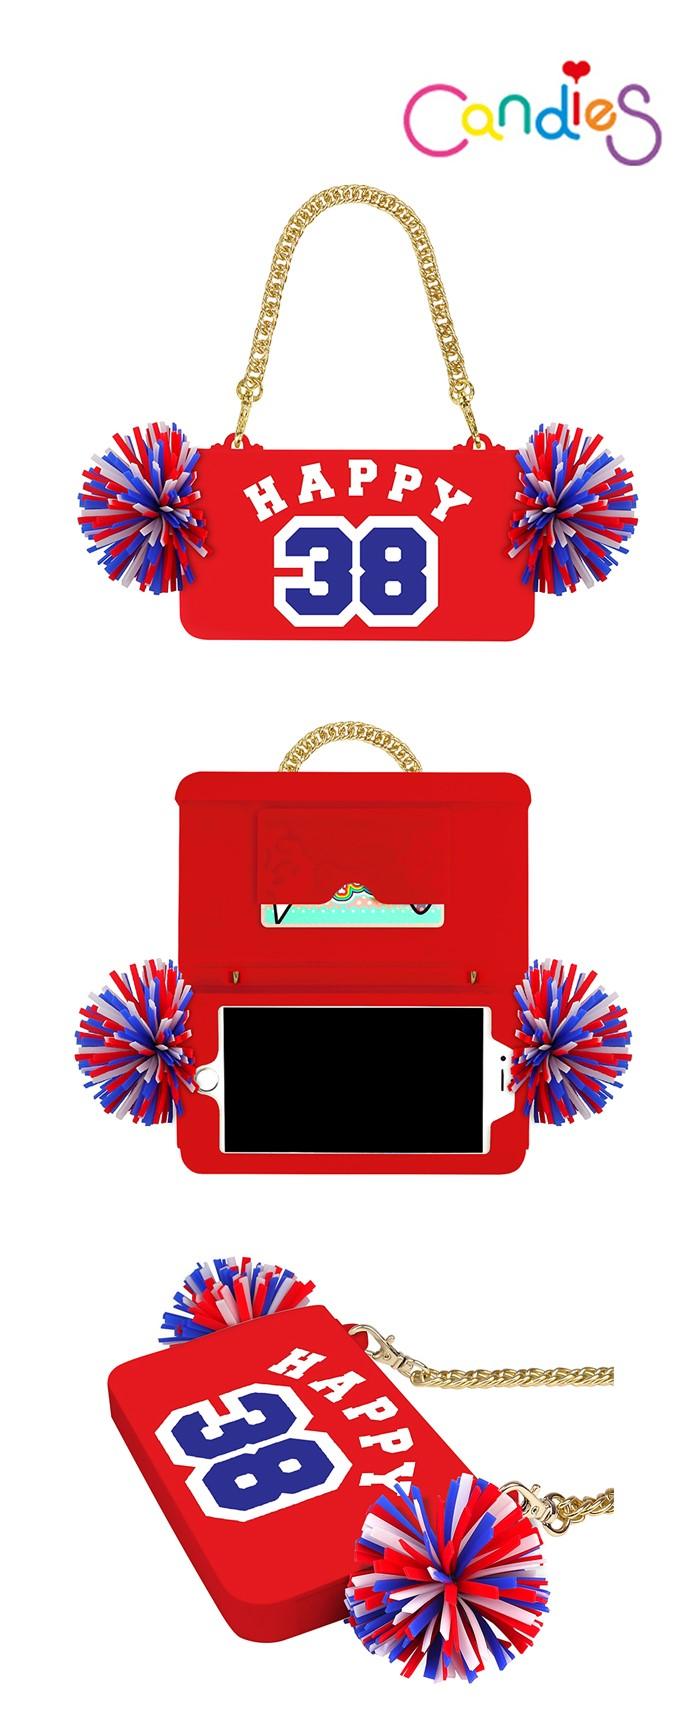 以啦啦隊為設計概念結合晚宴包&手機殼2WAY用途,款式實在太可愛了!旁邊的毛毛球是提升甜美感的POINT喔!(品牌Candies)